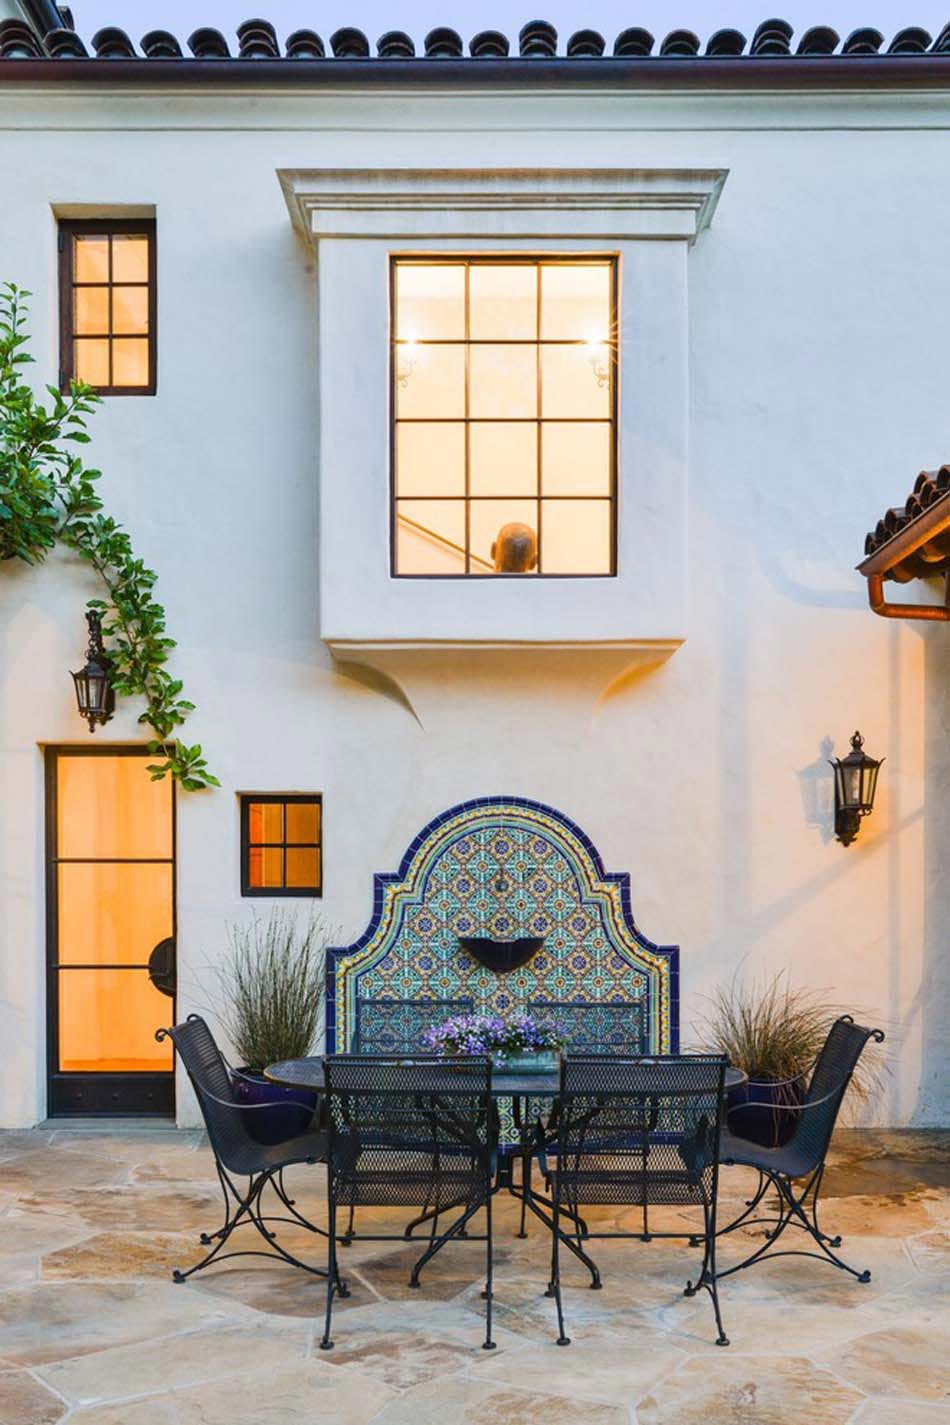 Des id es de d co jardin qui apportent de la couleur nos for Idee deco exterieur maison